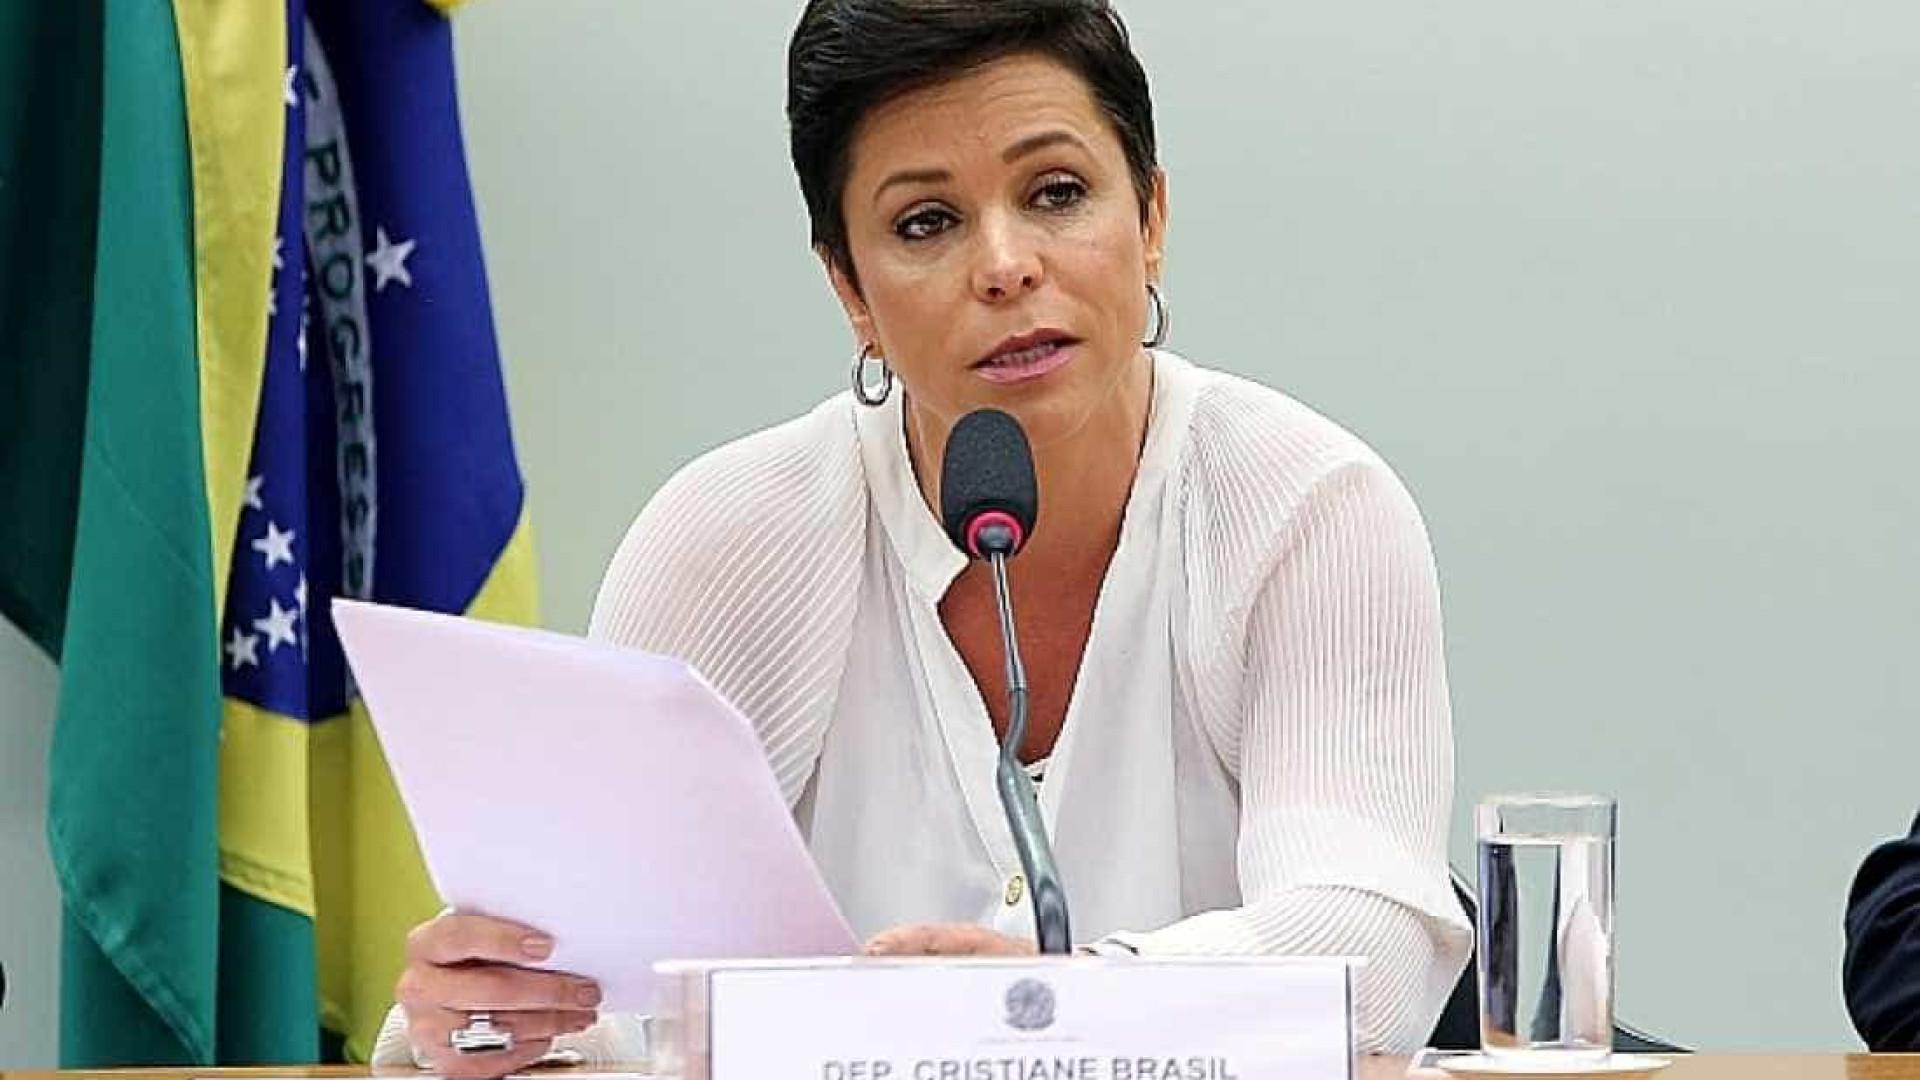 Locadora contratada por Cristiane Brasil recebeu de dez deputados